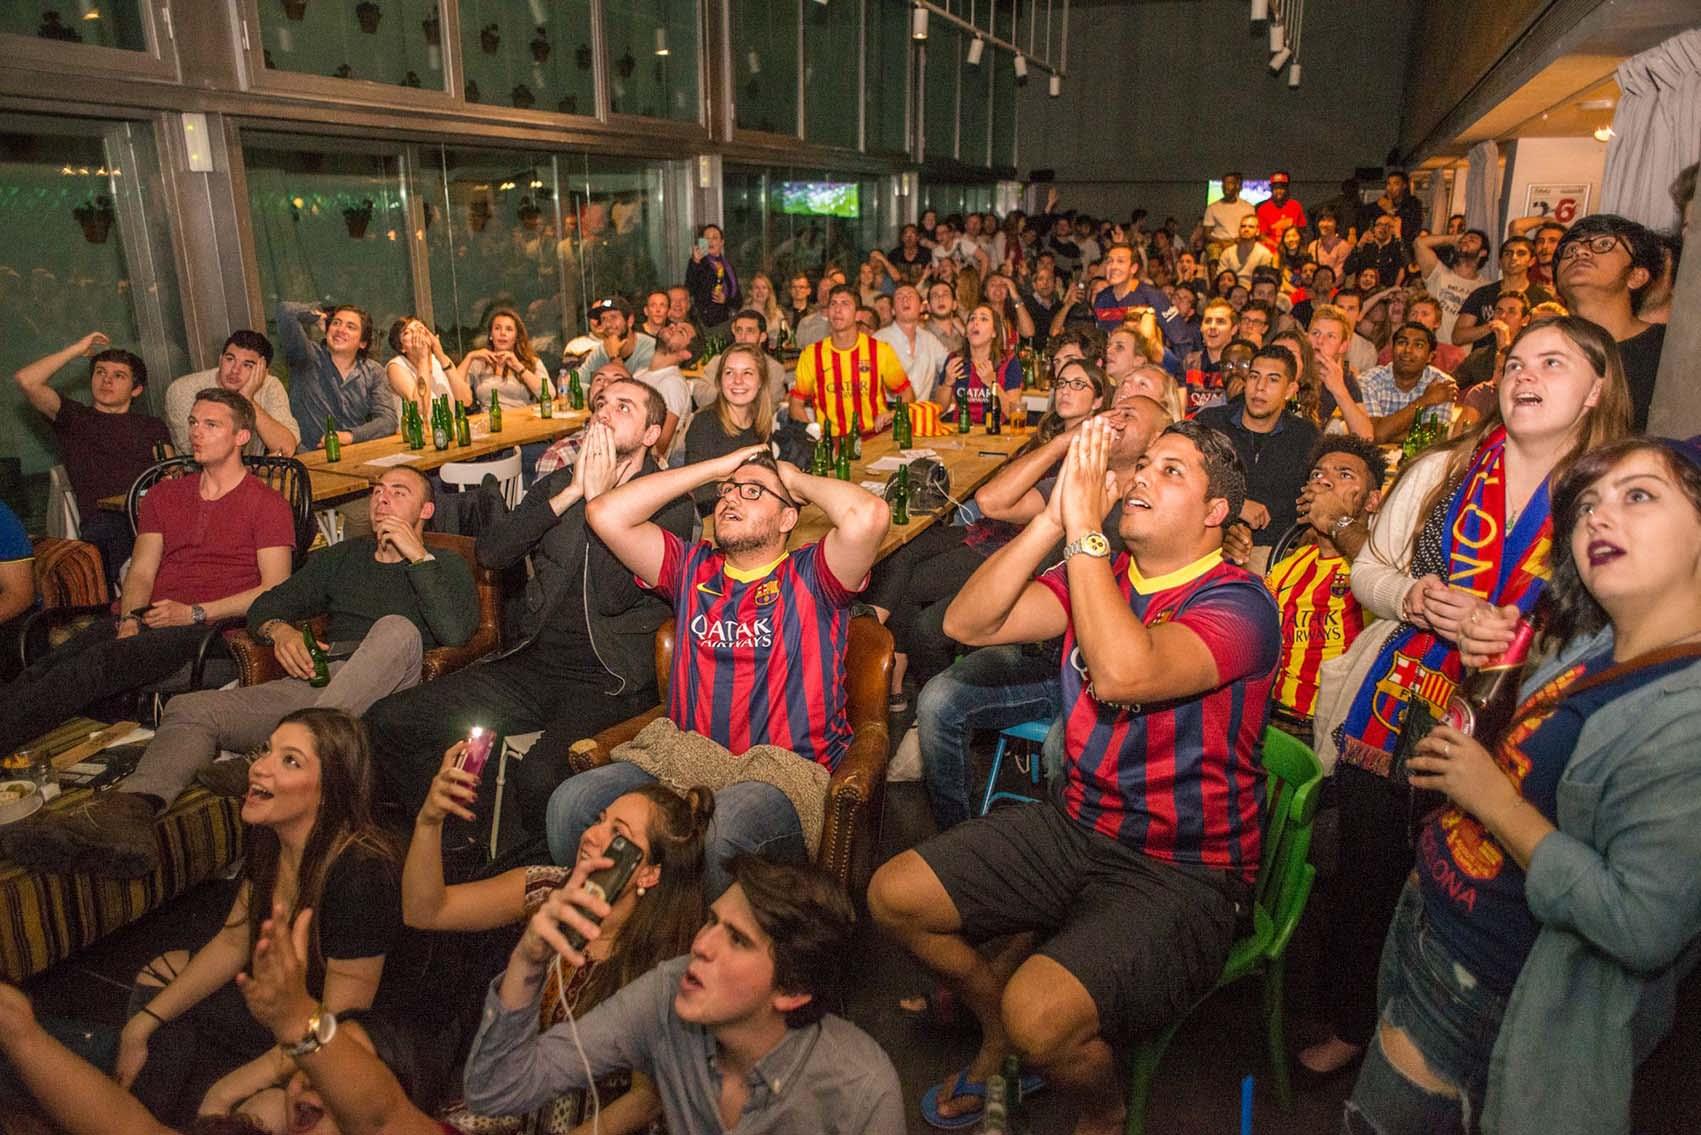 Belushis sports bar barcelona